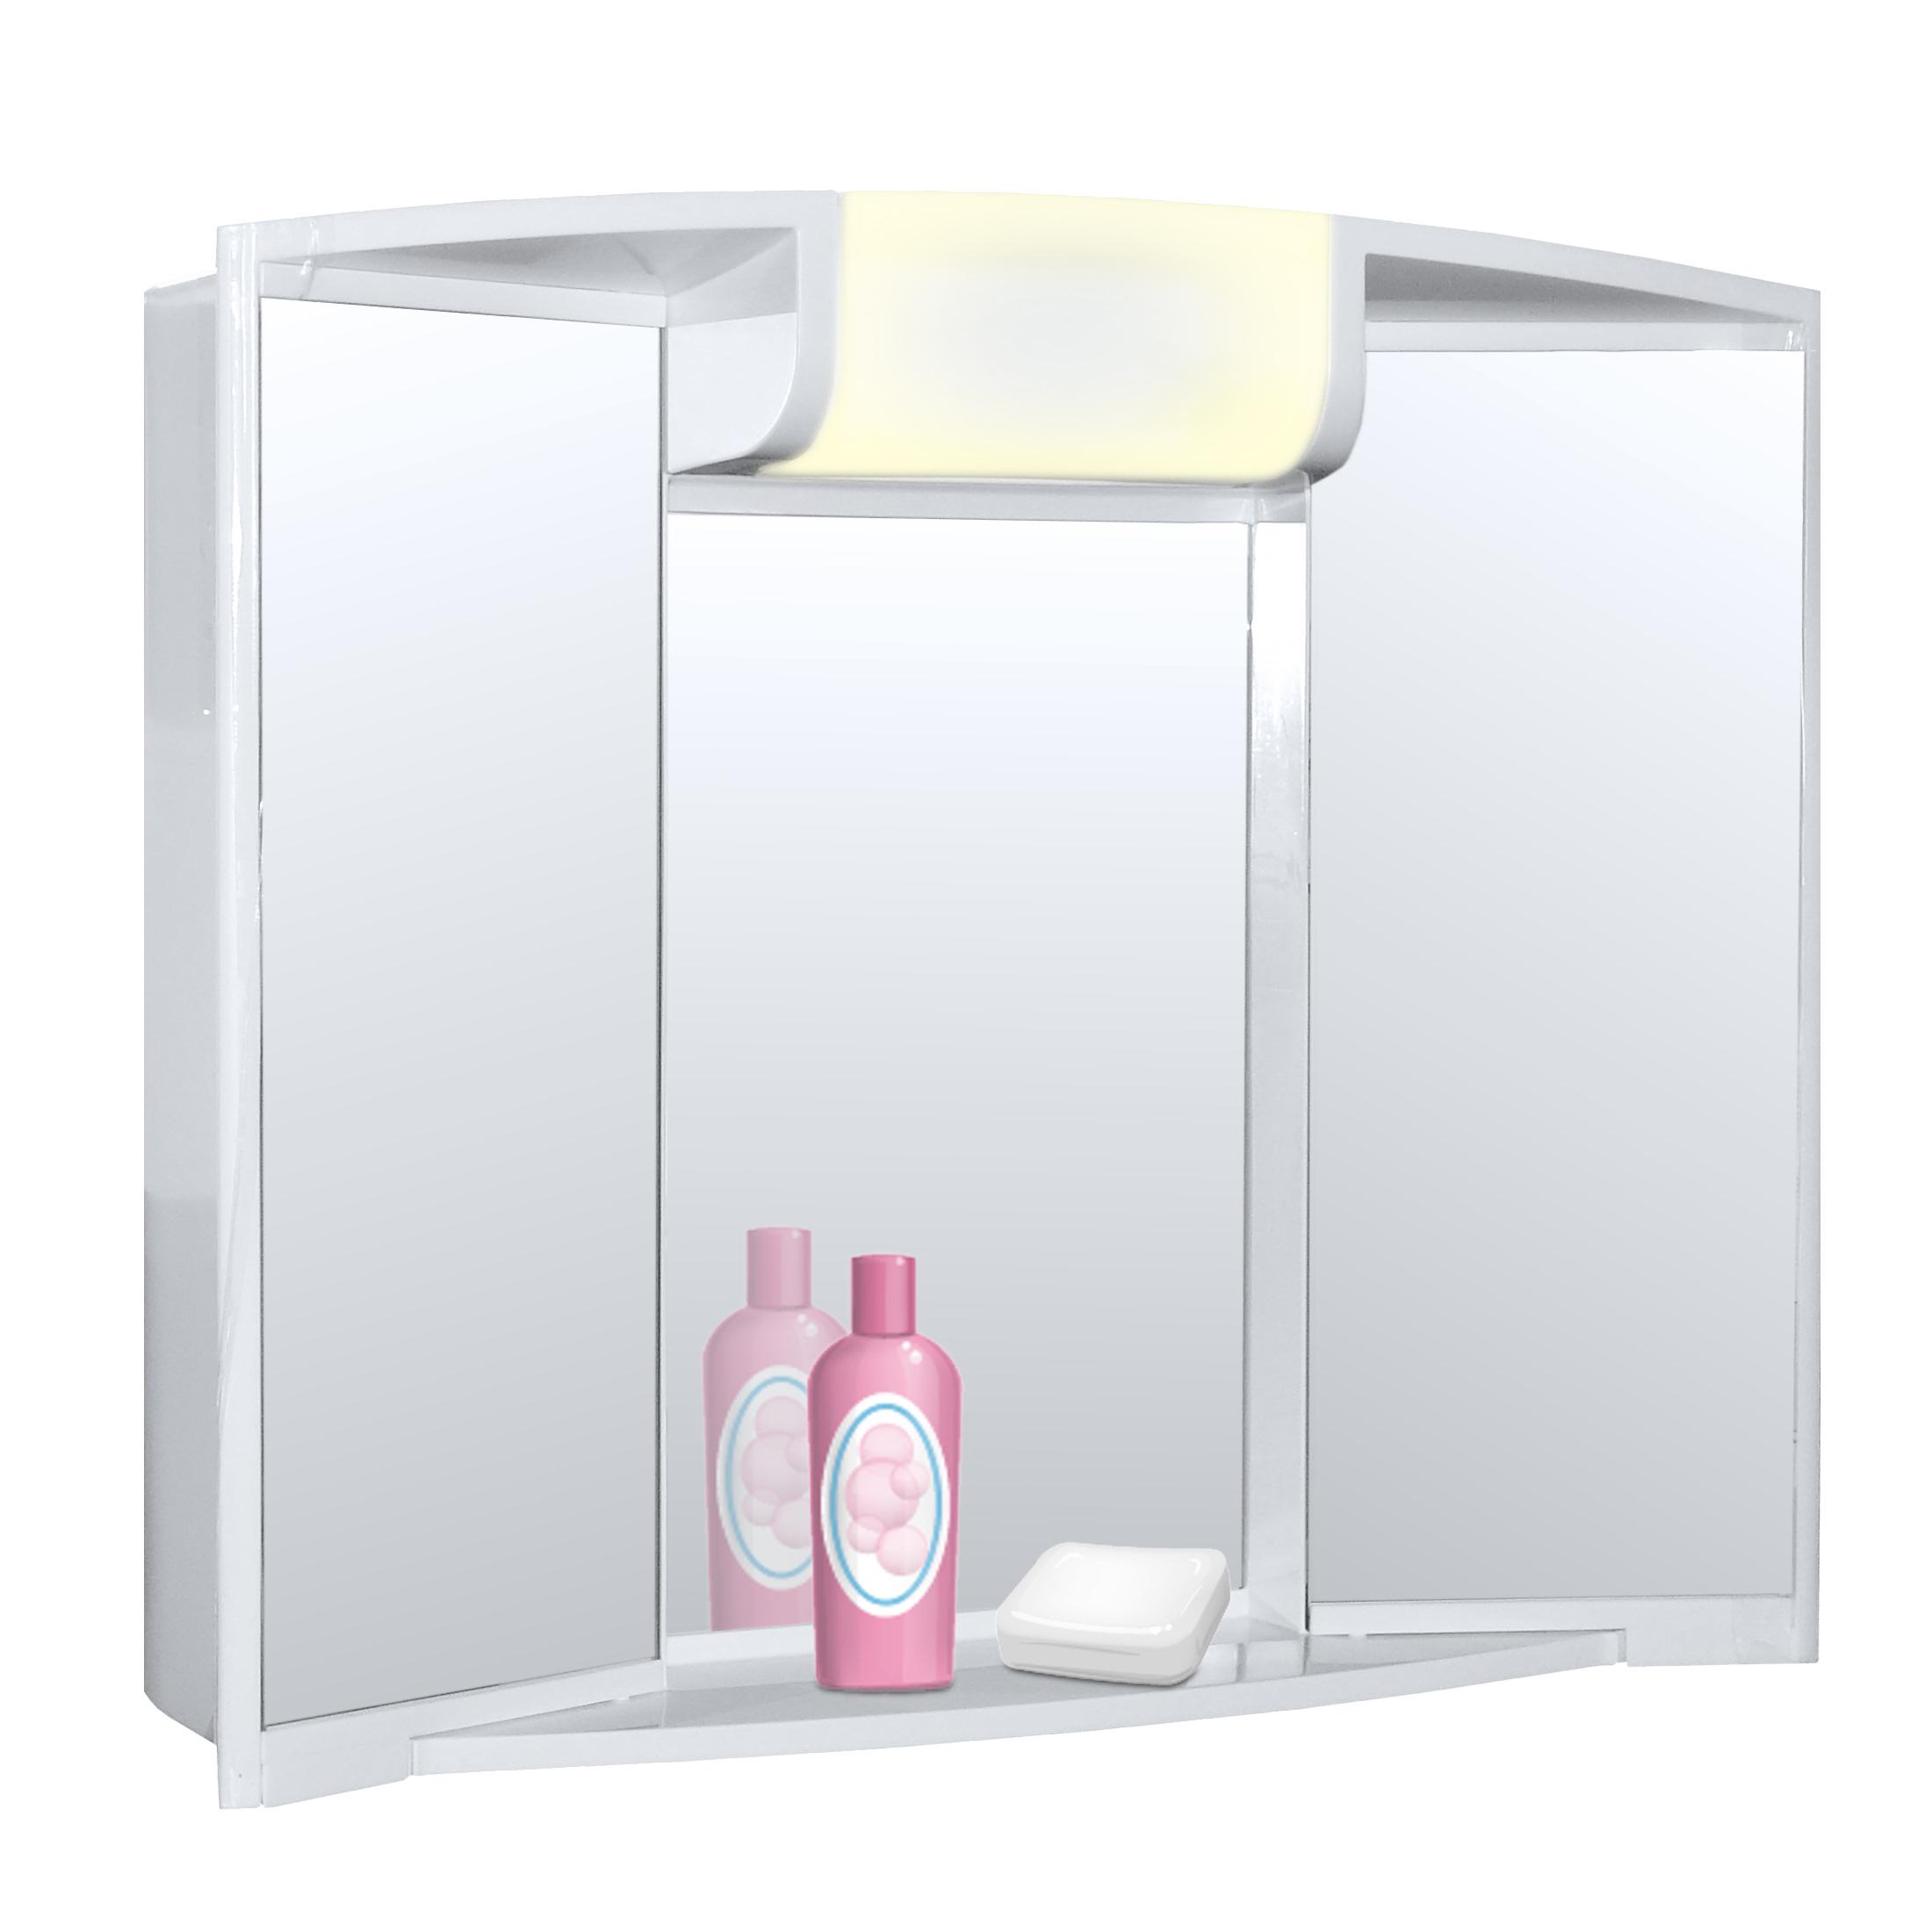 spiegelschrank angy f r ihr modernes badezimmer t ren zum ffnen ebay. Black Bedroom Furniture Sets. Home Design Ideas